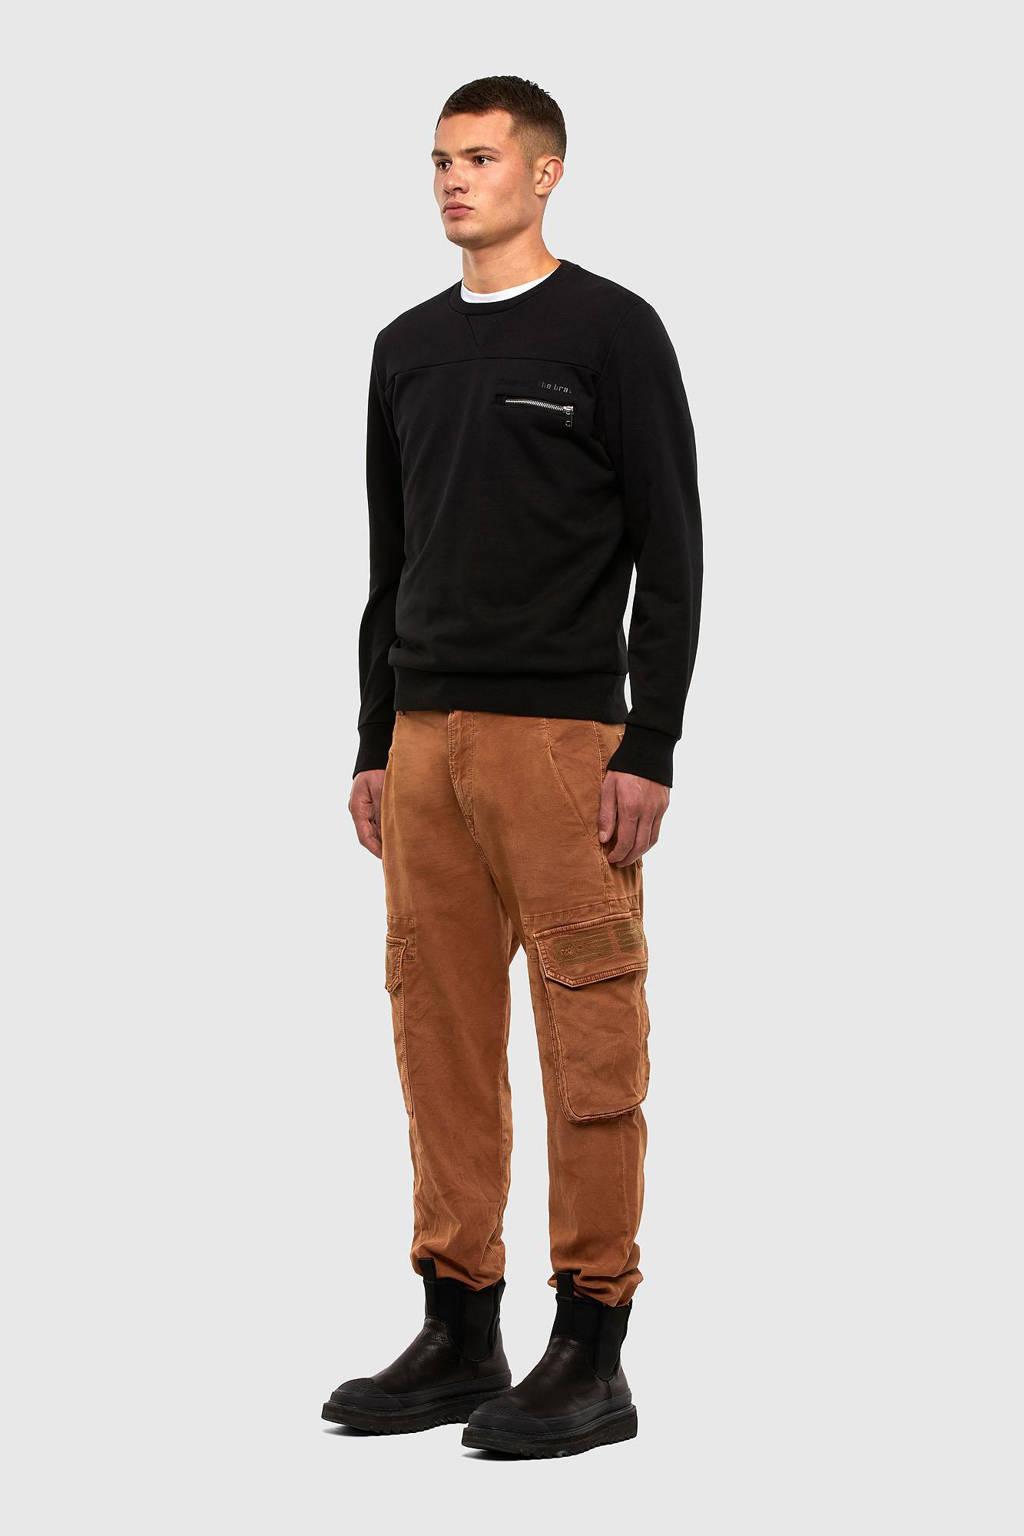 Diesel sweater Corinne zwart, Zwart